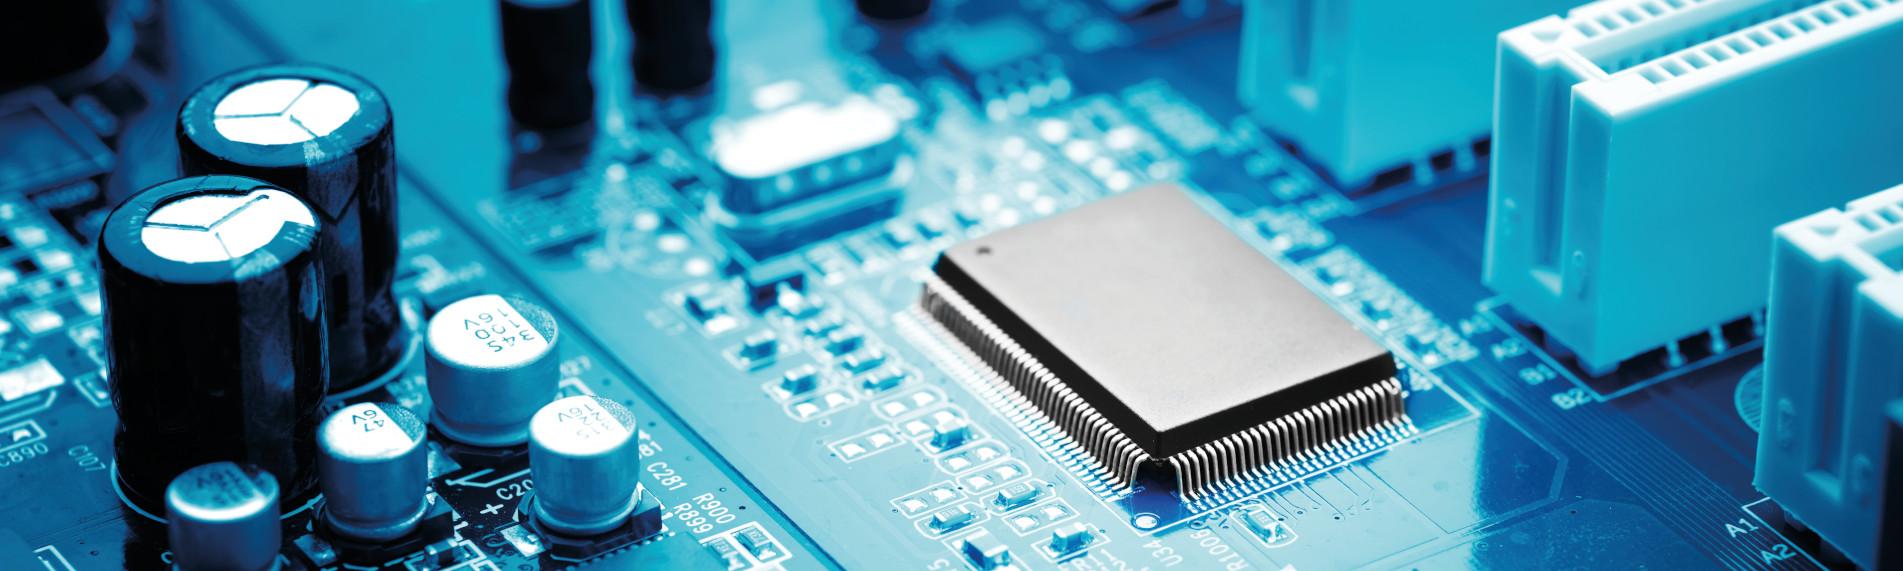 Kylning tar bort torr och varm luft i elektronikproduktioner